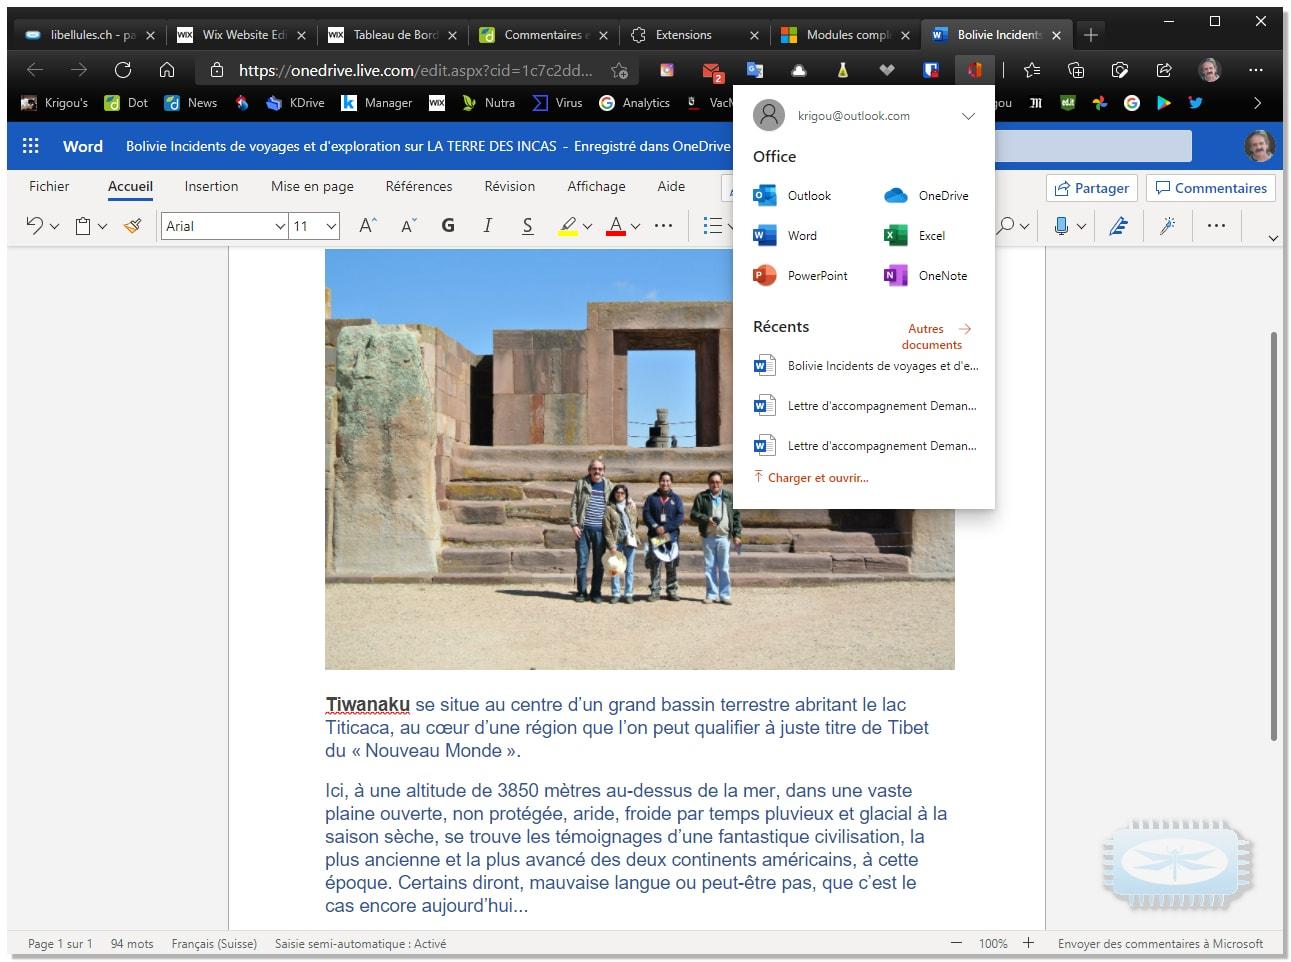 Accédez directement à vos fichiers Office, qu'ils soient stockés en ligne ou sur votre ordinateur, depuis votre navigateur